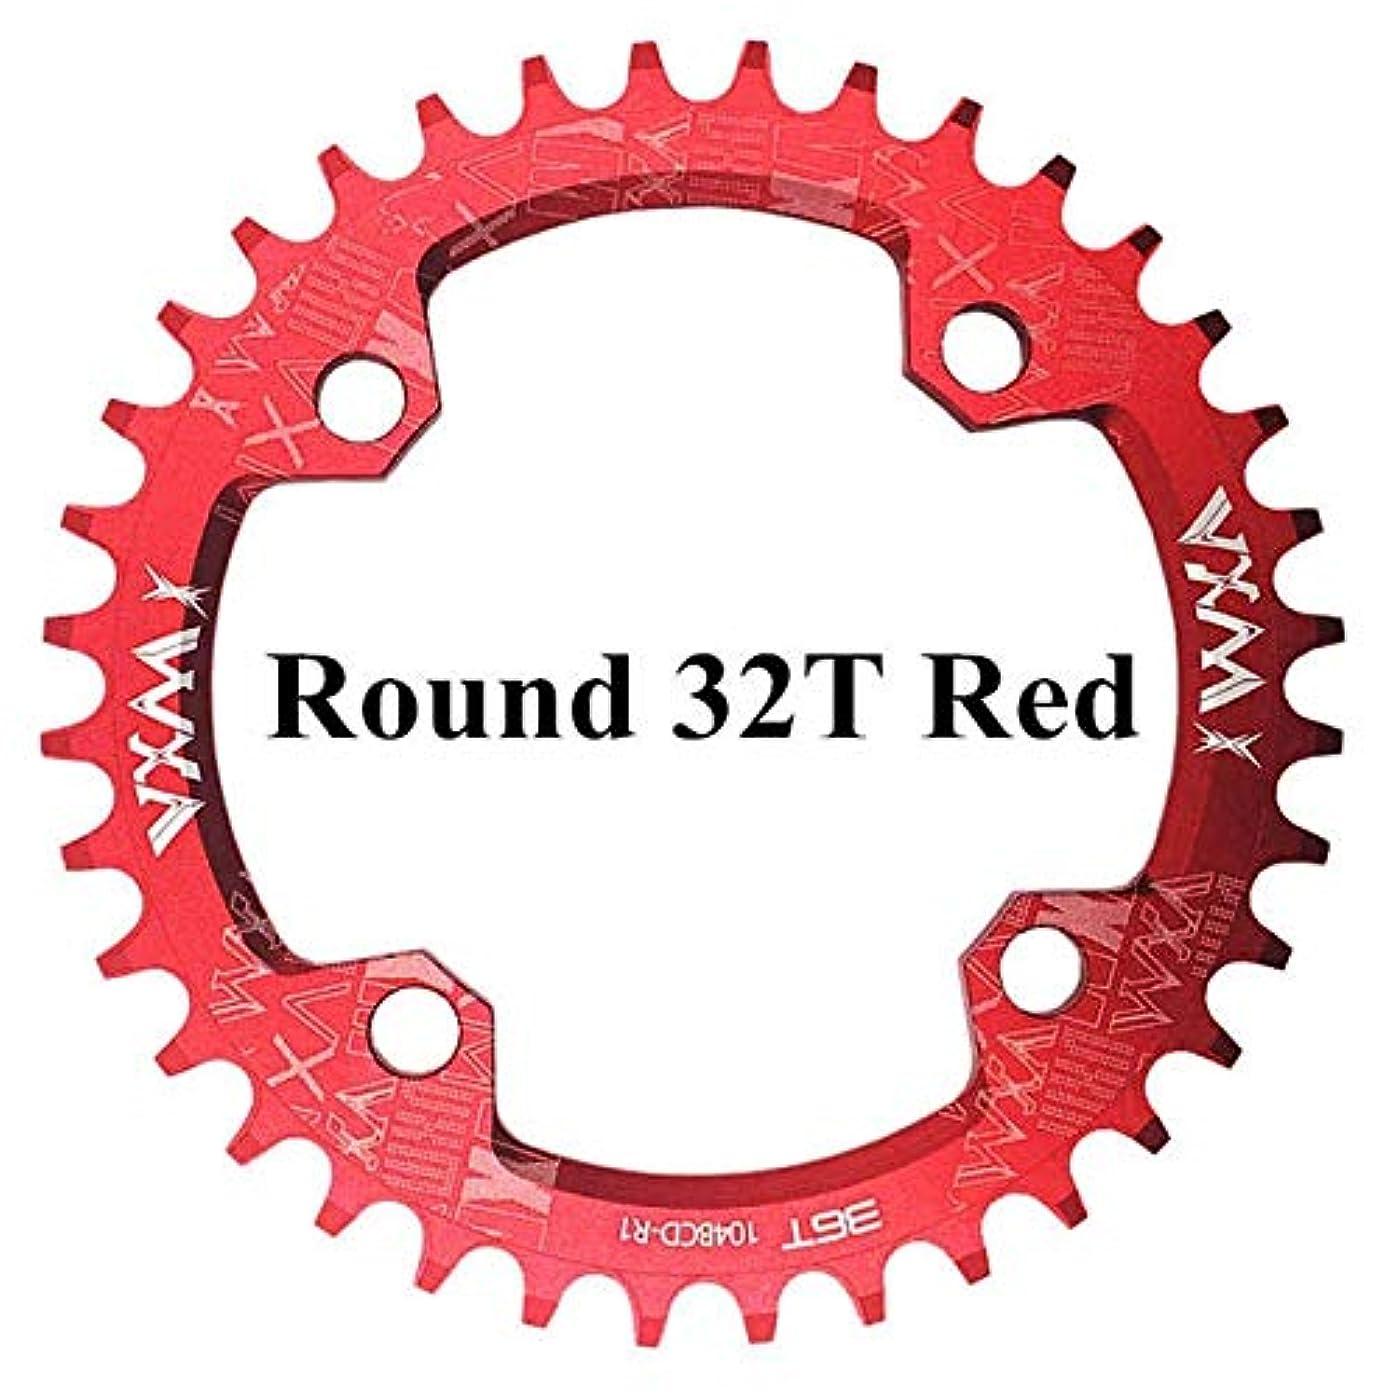 耐えられる有害いまPropenary - 自転車104BCDクランクオーバルラウンド30T 32T 34T 36T 38T 40T 42T 44T 46T 48T 50T 52TチェーンホイールXT狭い広い自転車チェーンリング[ラウンド32Tレッド]